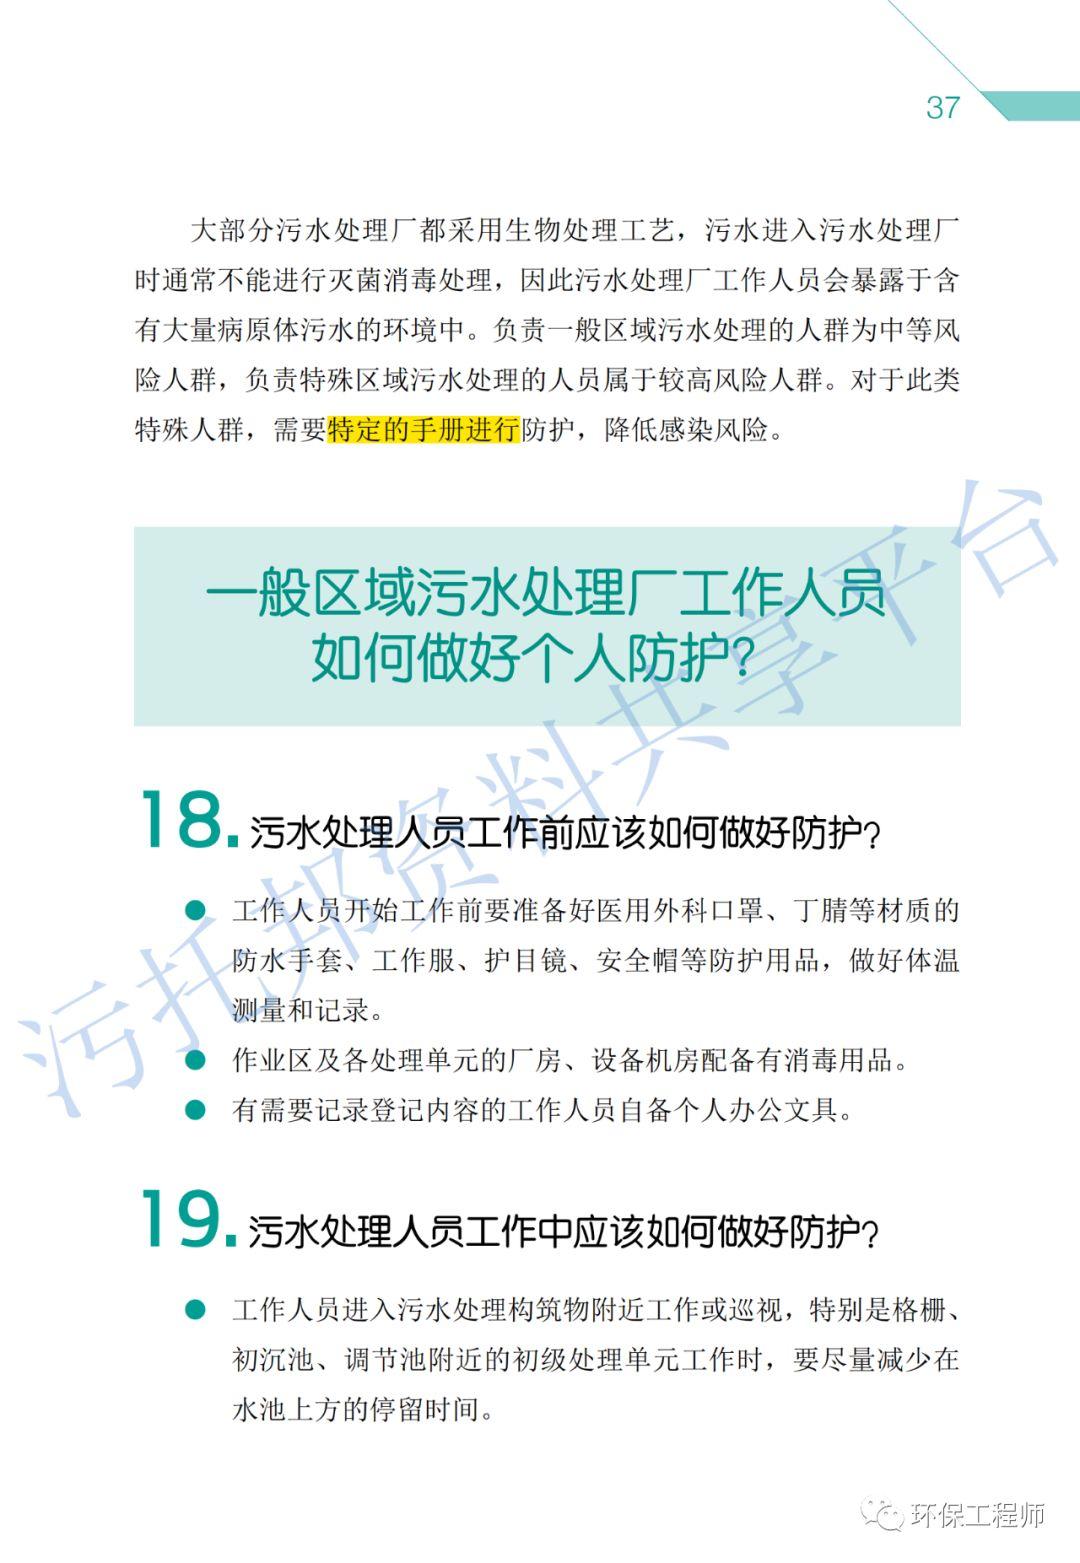 《环保从业人员新型冠状病毒疫情防护手册》_22